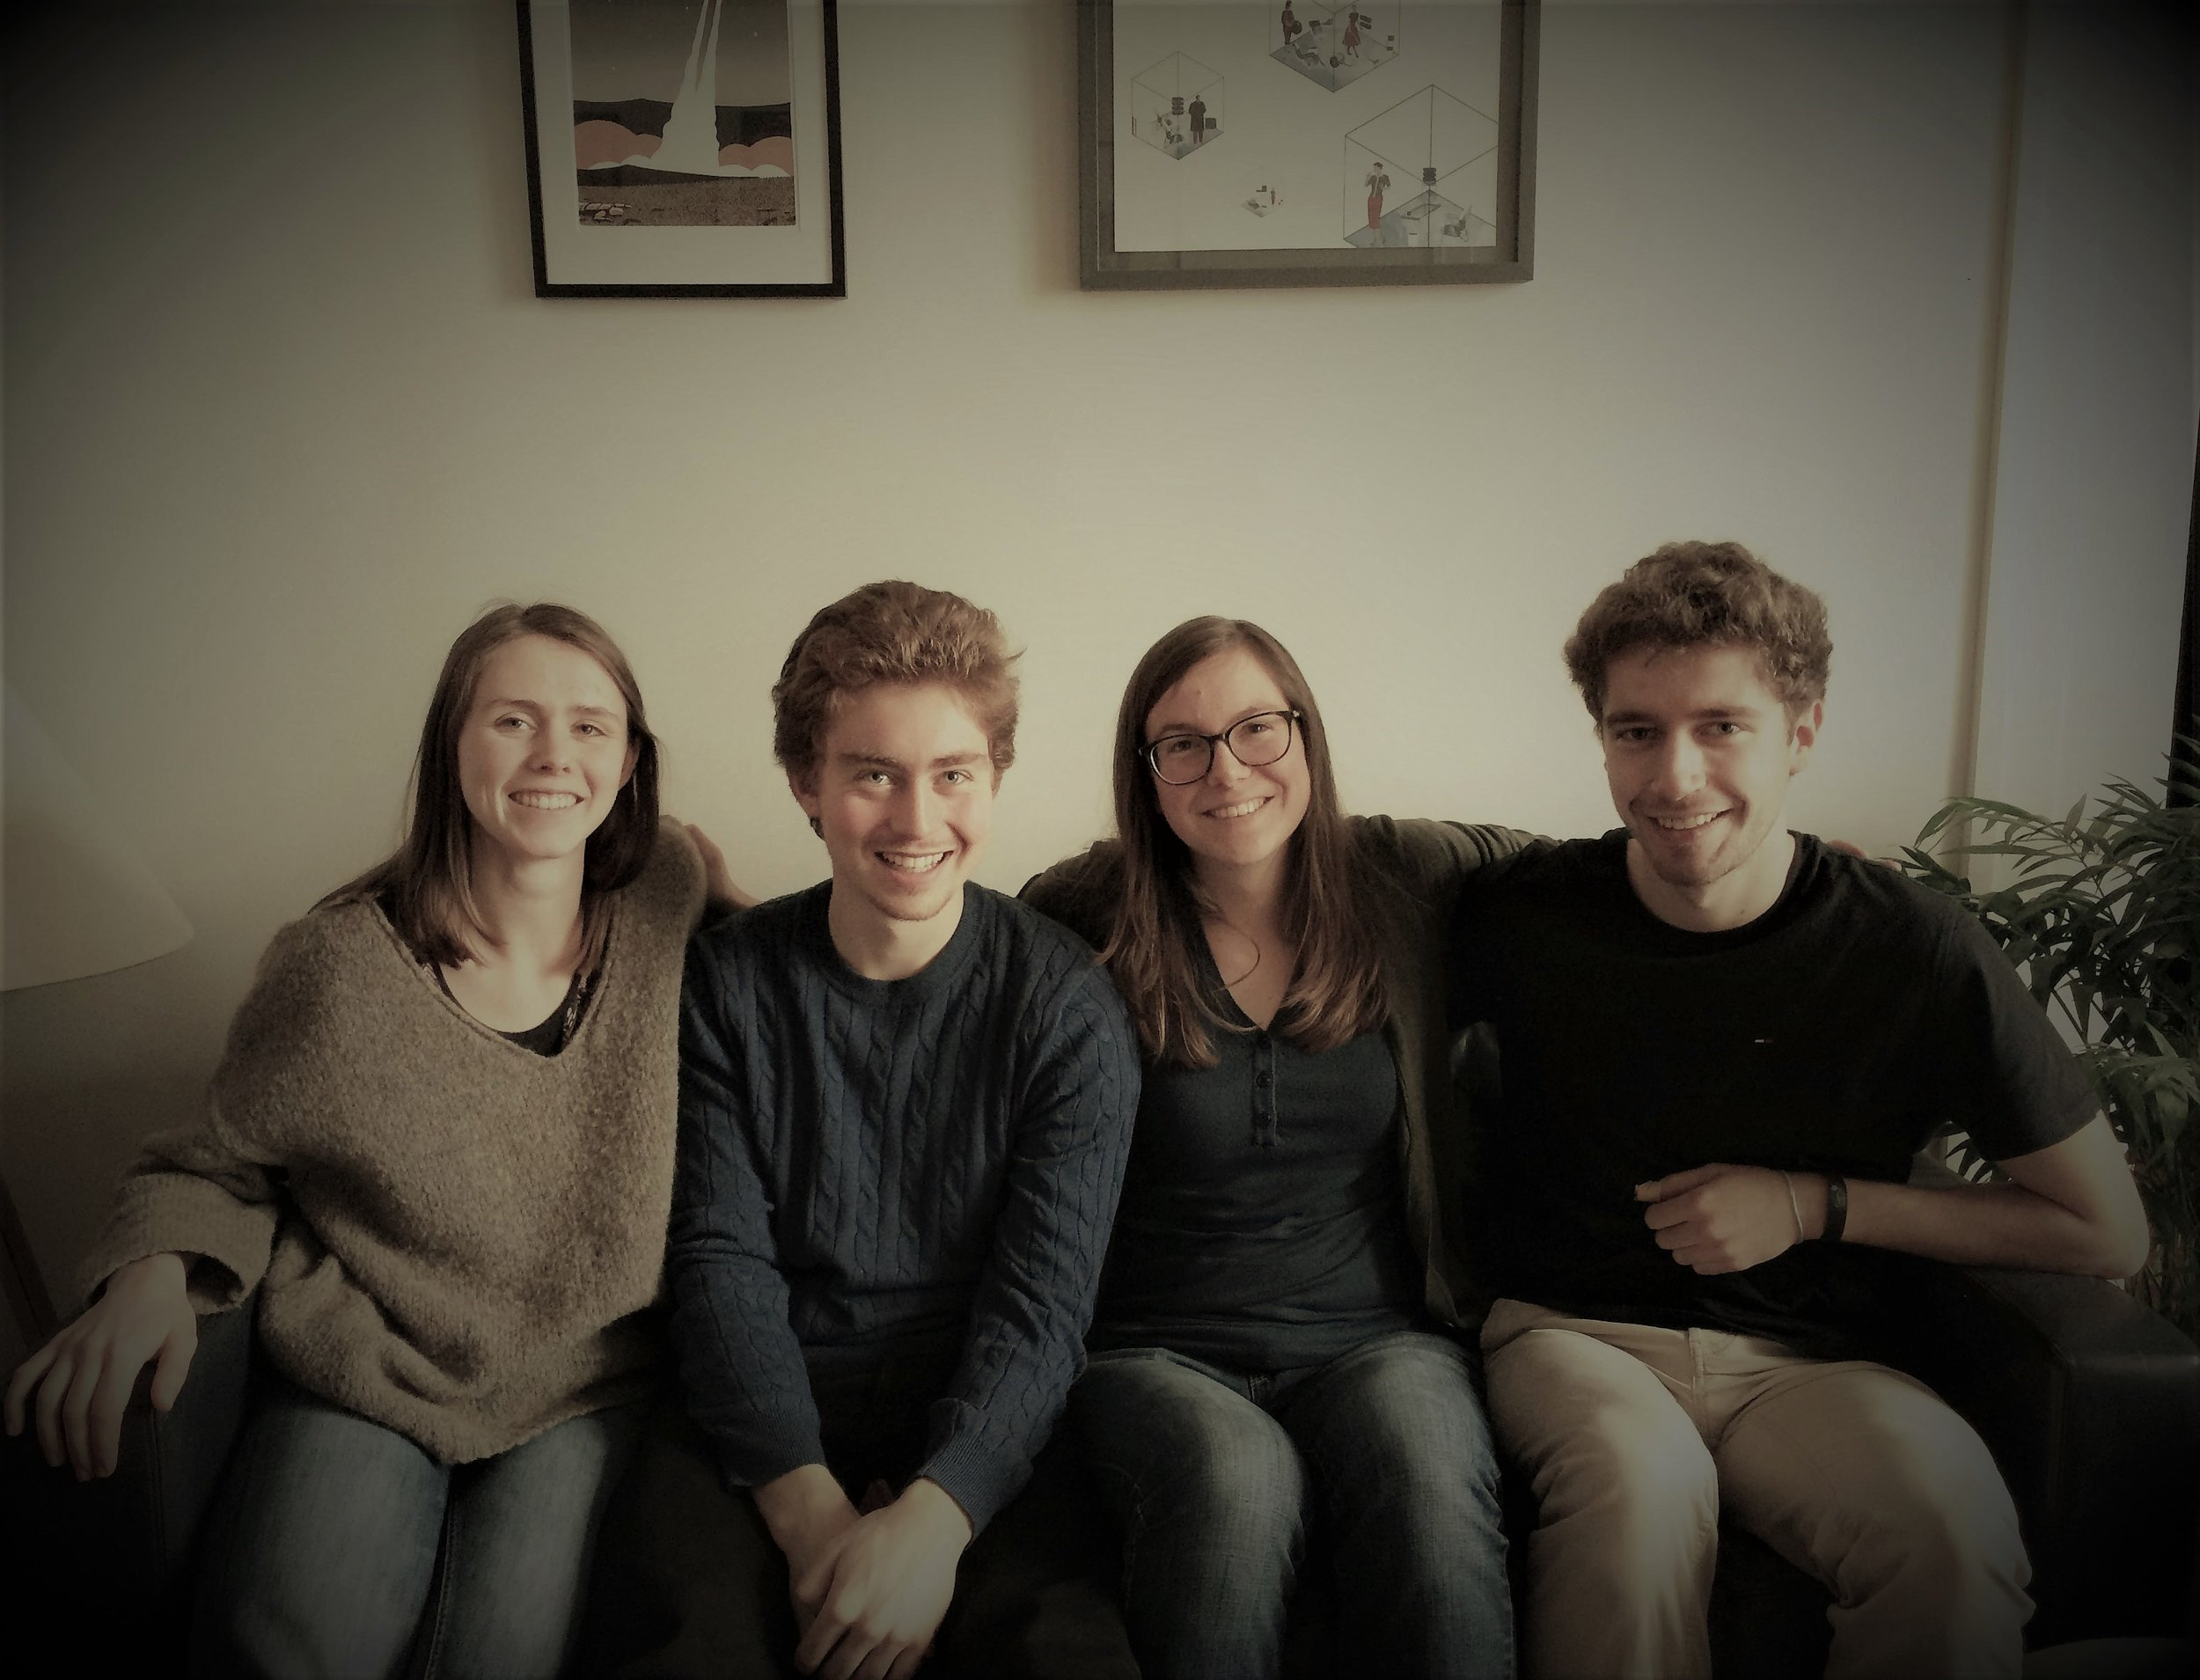 Vinciane, Corentin, Marie et Marin - quatre des étudiants à l'initiative du Manifeste étudiant pour un réveil écologique